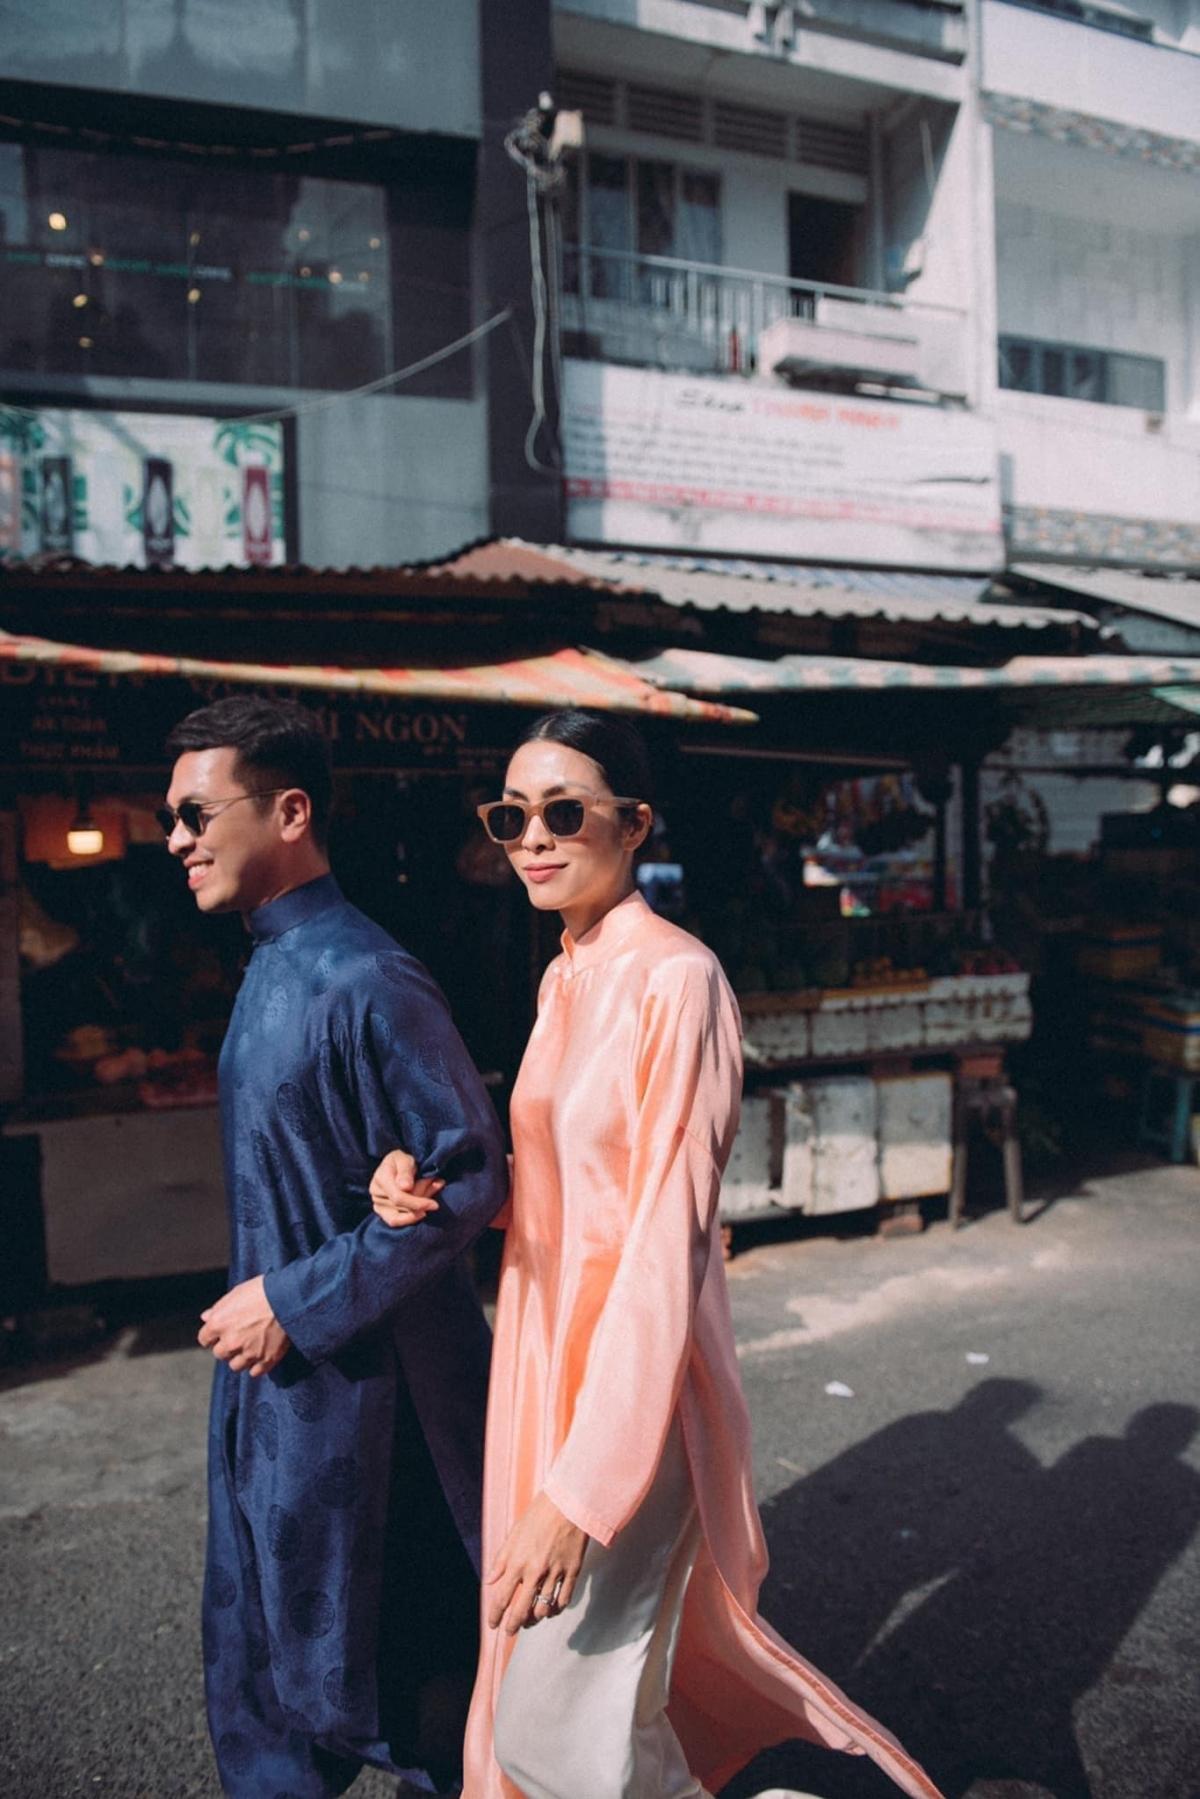 Quang Tuyến và Tăng Thanh Hà chơi thân với nhau đã gần 15 năm, coi nhau như anh em. Chính sự thân thiết này khiến Tăng Thanh Hà thoải mái khoác tay tạo dáng.